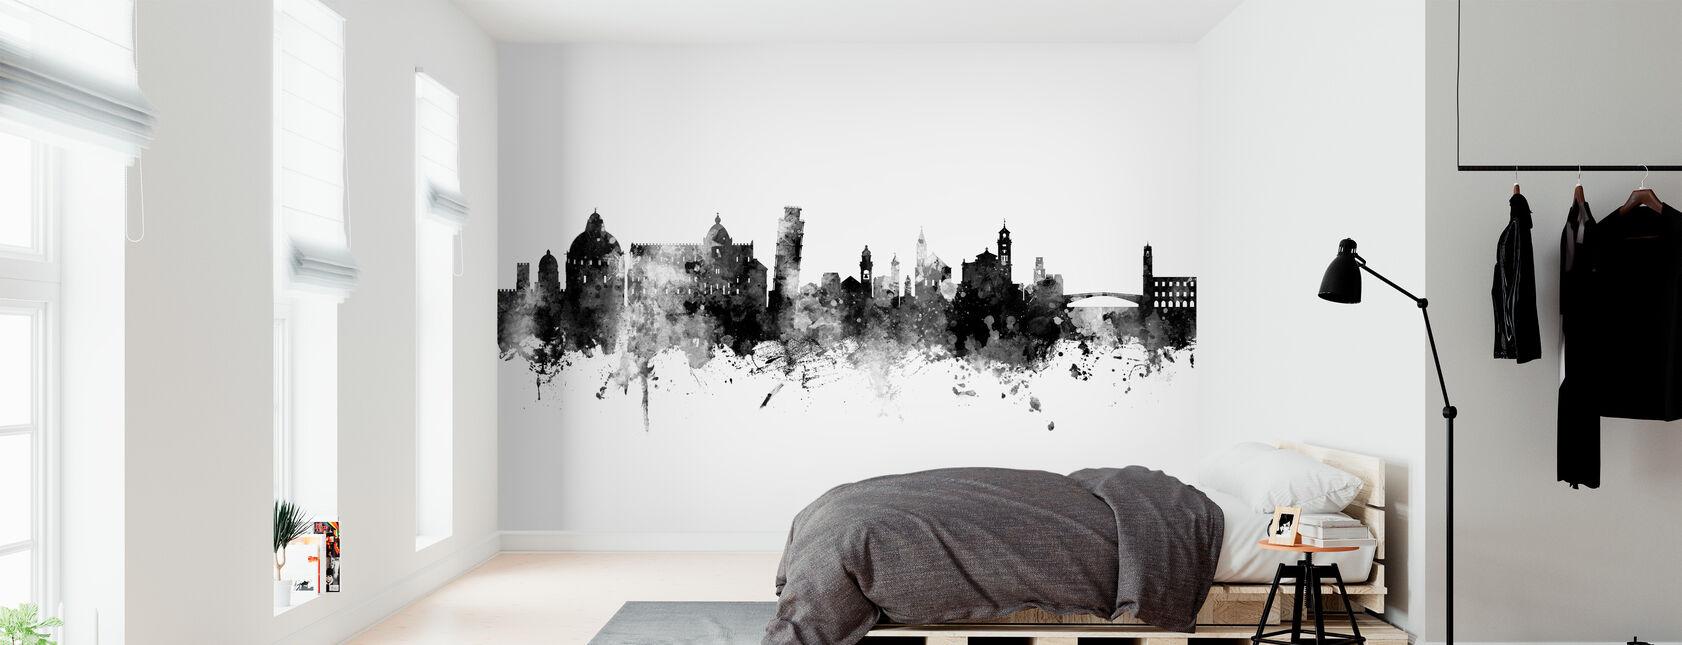 Pisa Italy Skyline - Wallpaper - Bedroom